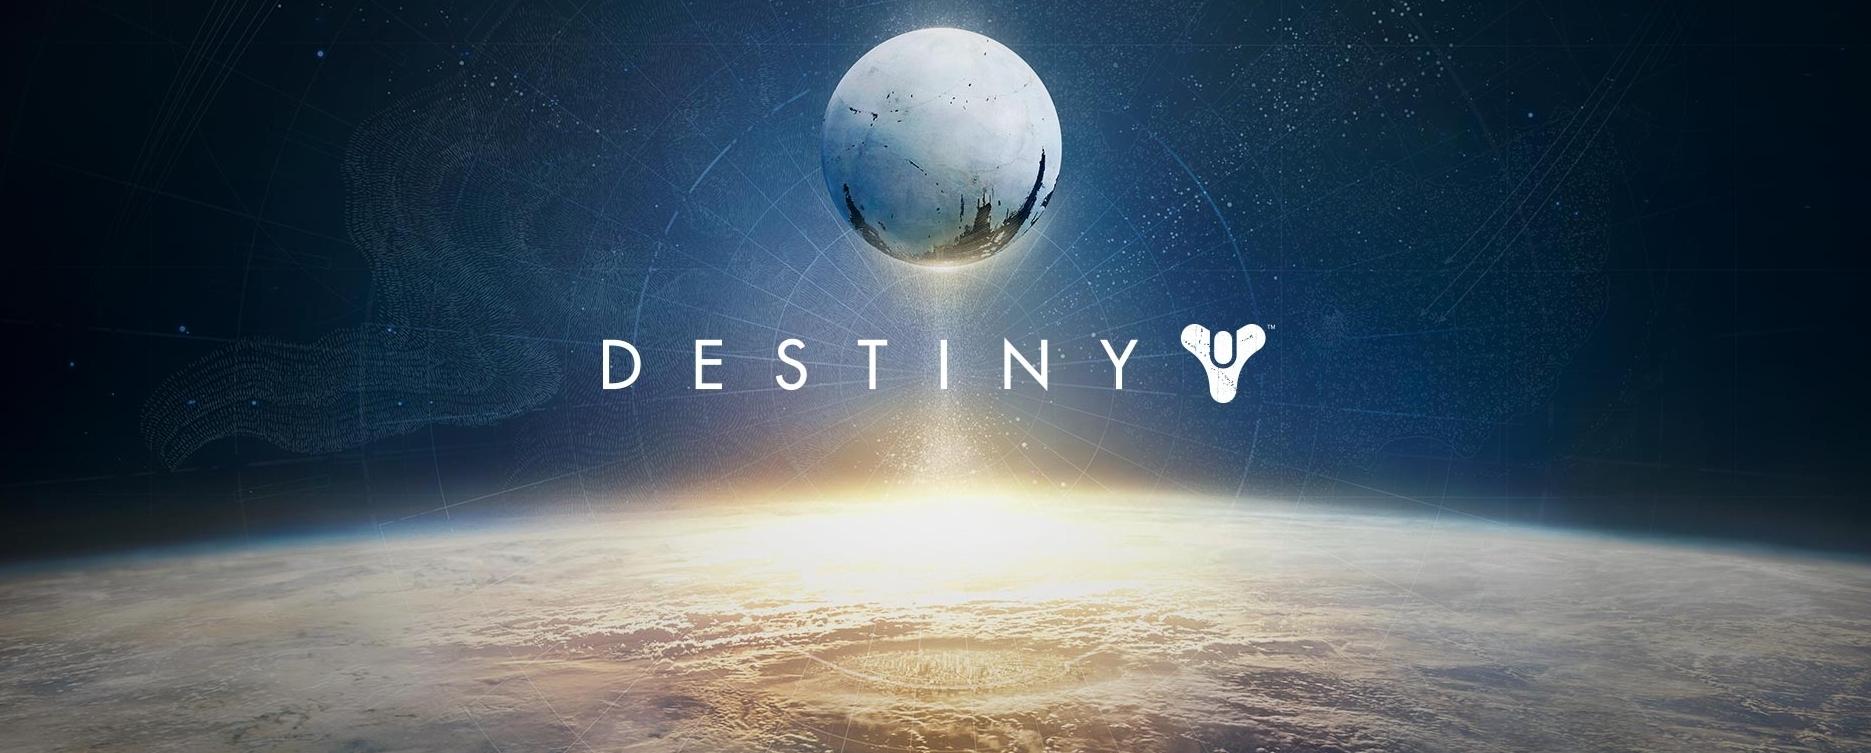 destinyirsg3.jpg